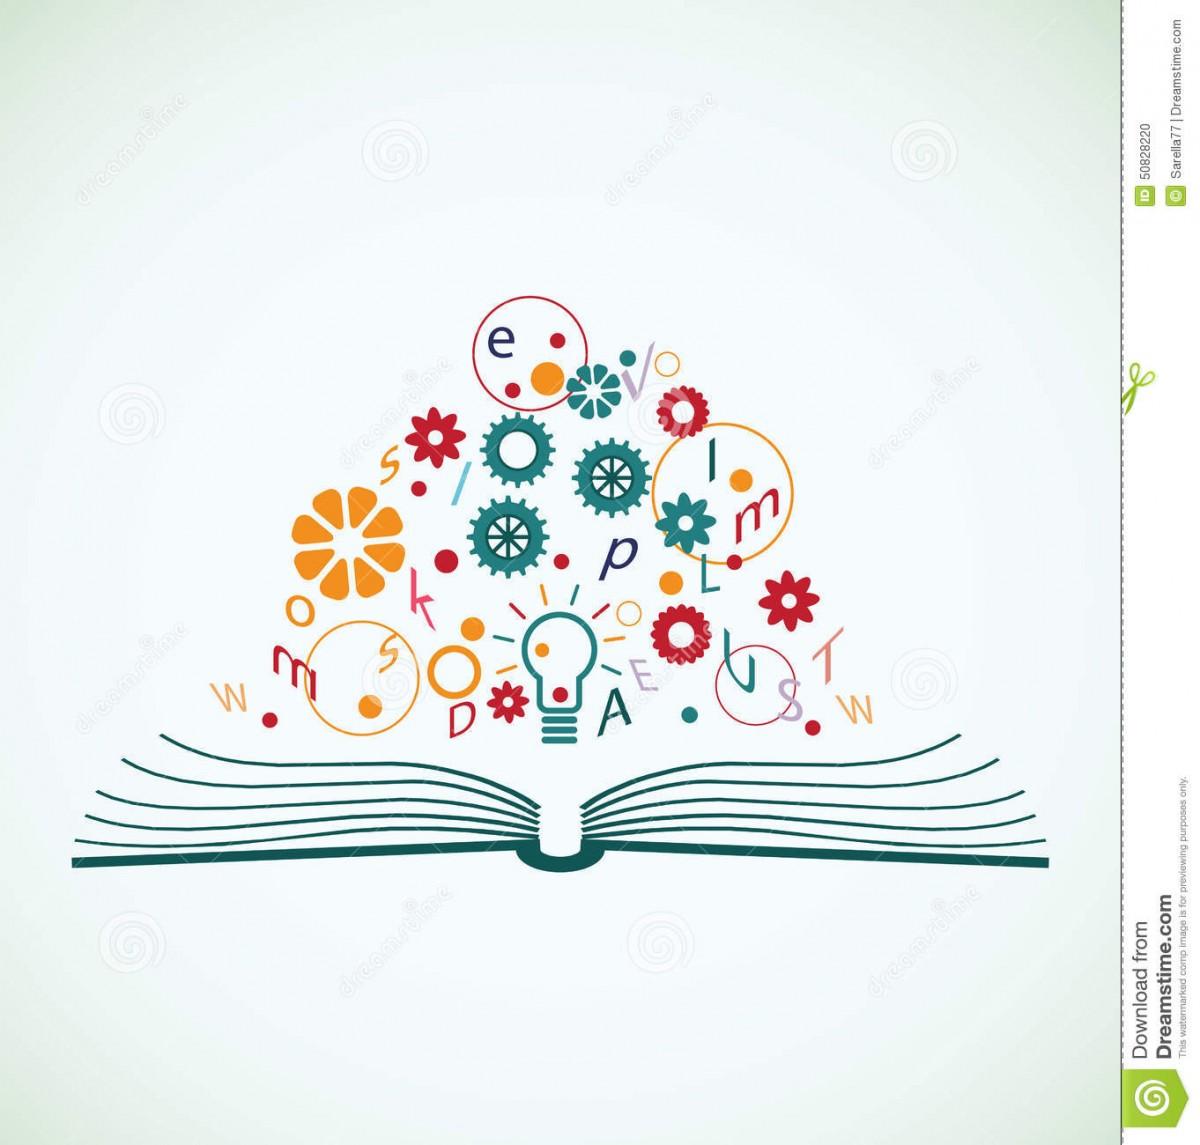 Educación y capacidades